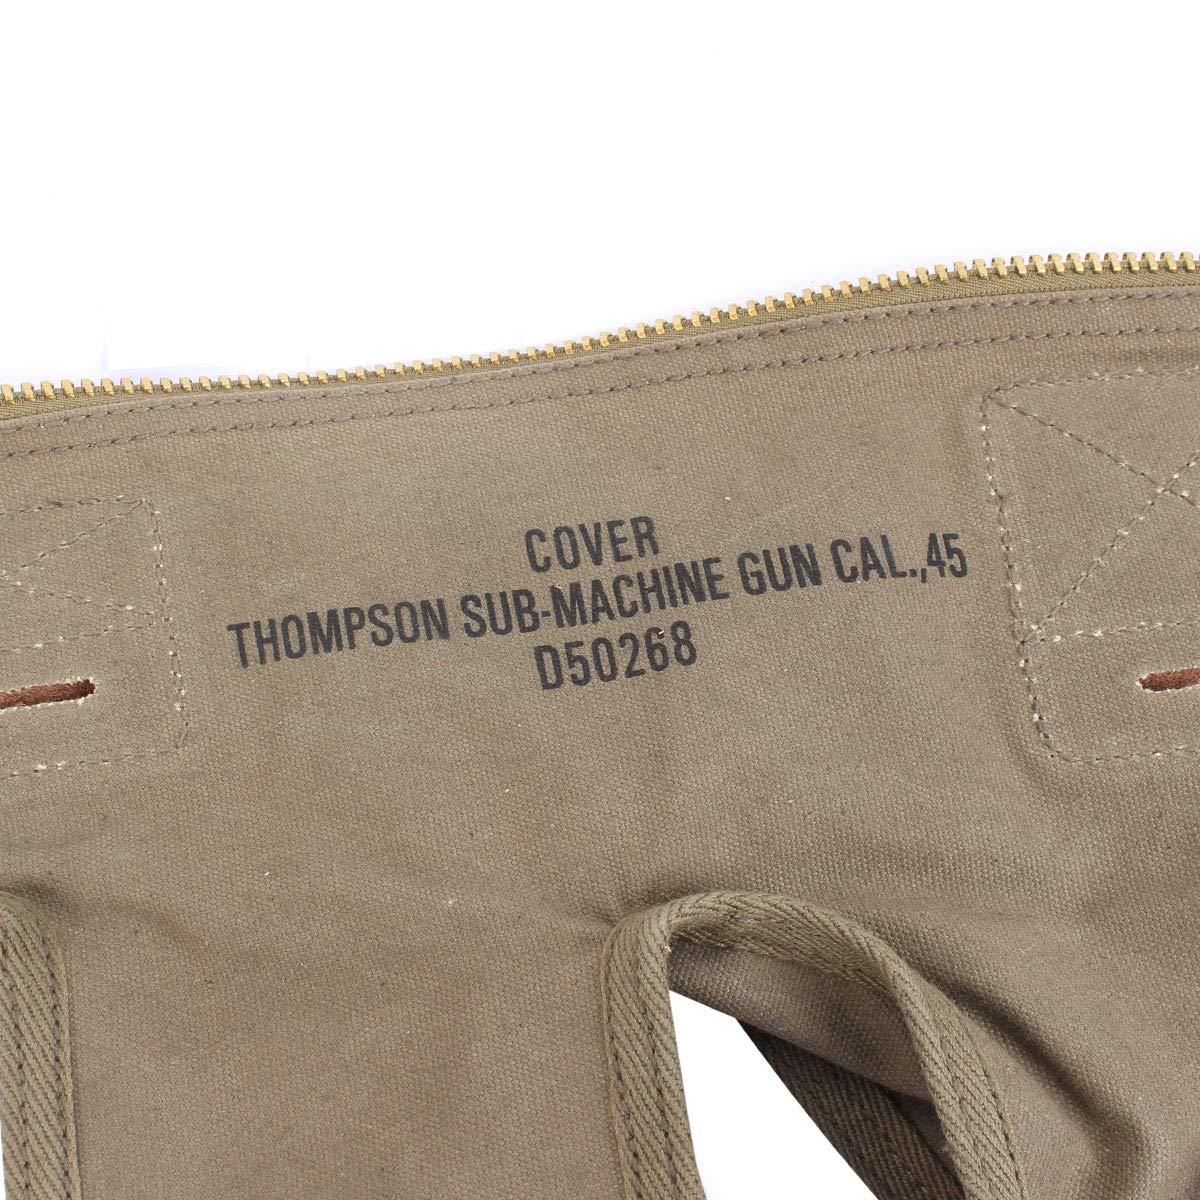 Reproduktion 2 Weltkrieg Thompson 2309/Gun Bezug mit Rei/ßverschluss weicher Fall